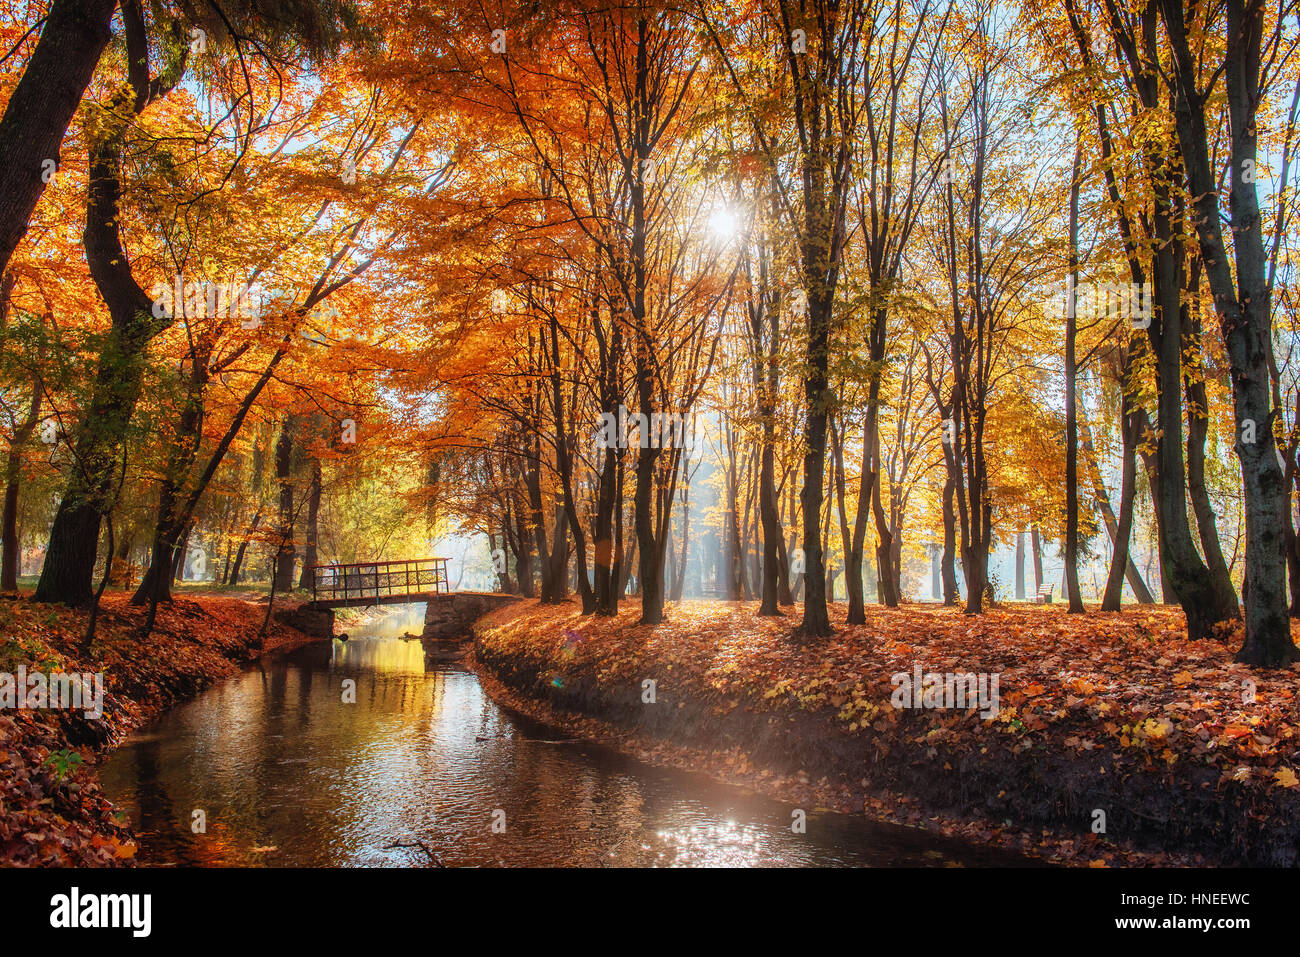 Marche pont sur la rivière avec des arbres Photo Stock